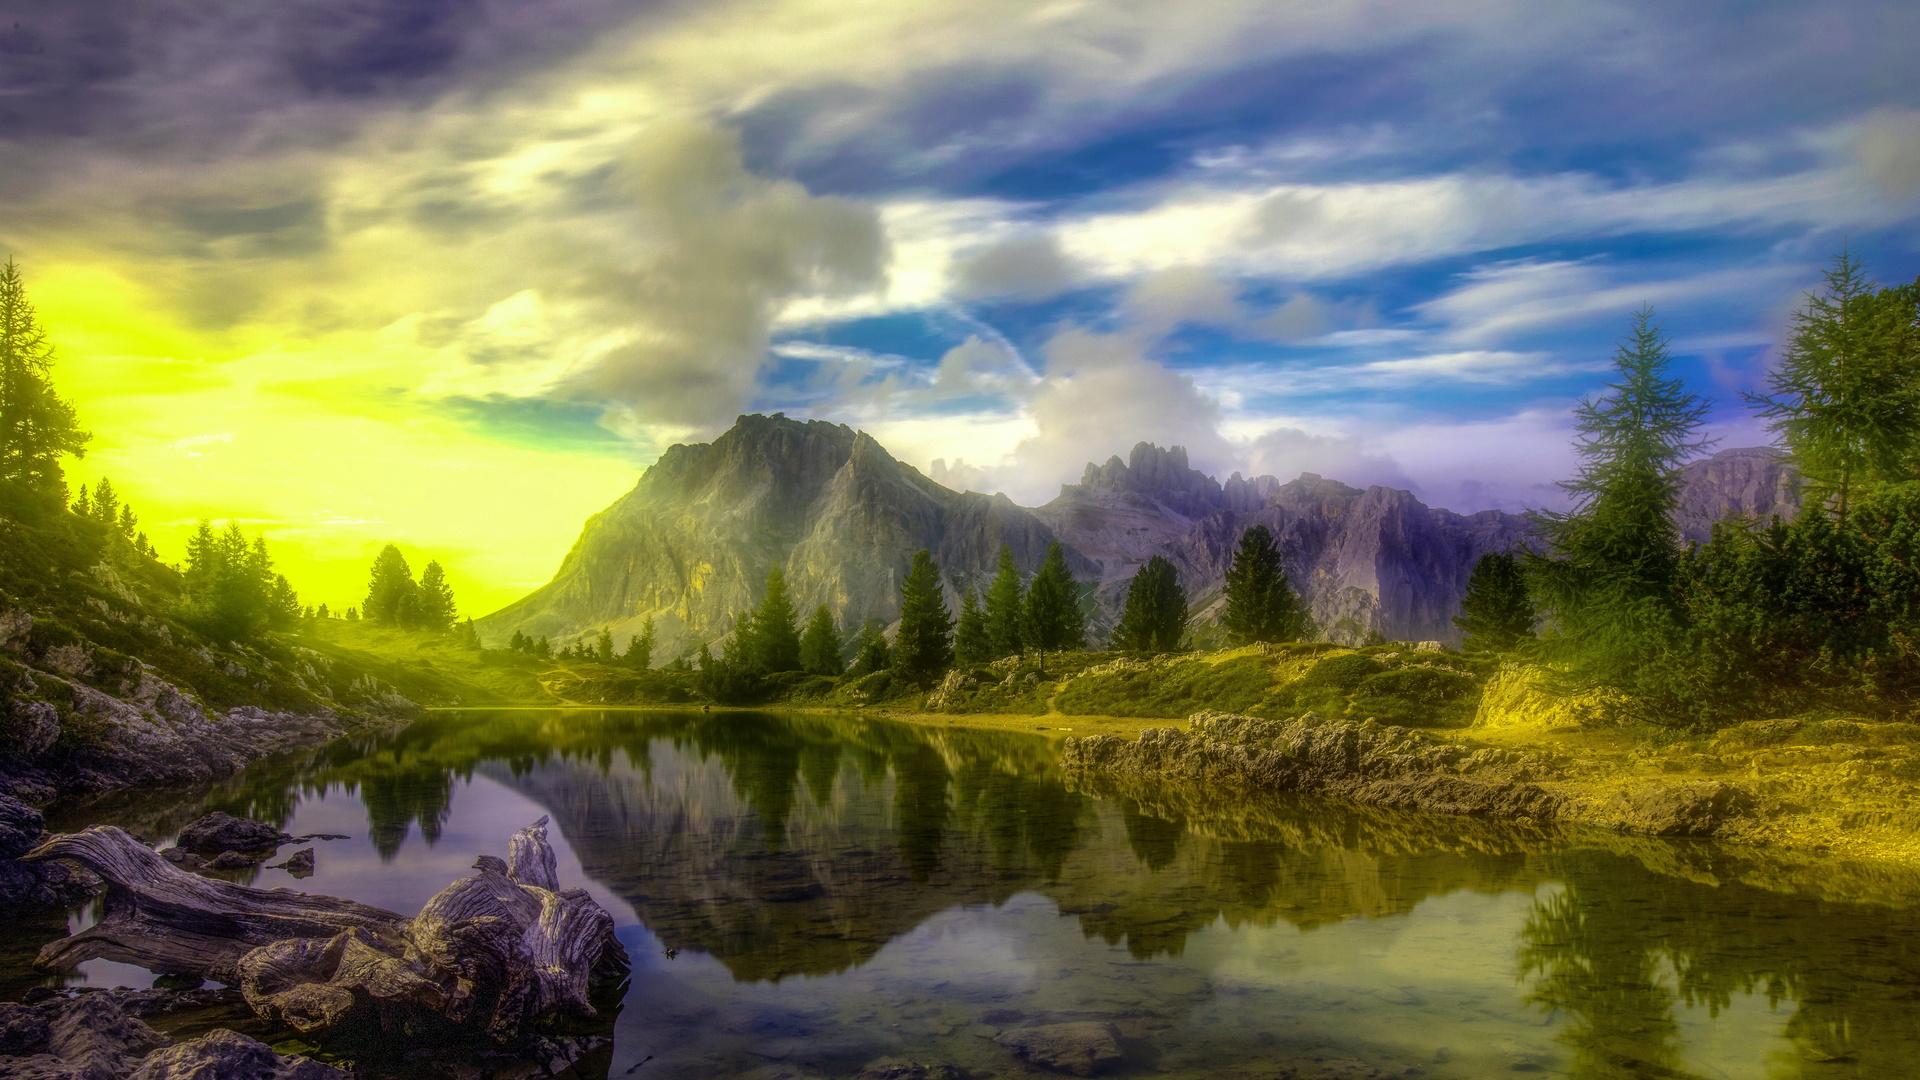 италия, горы, озеро, dolomites, облака, деревья, альпы, hdr, природа